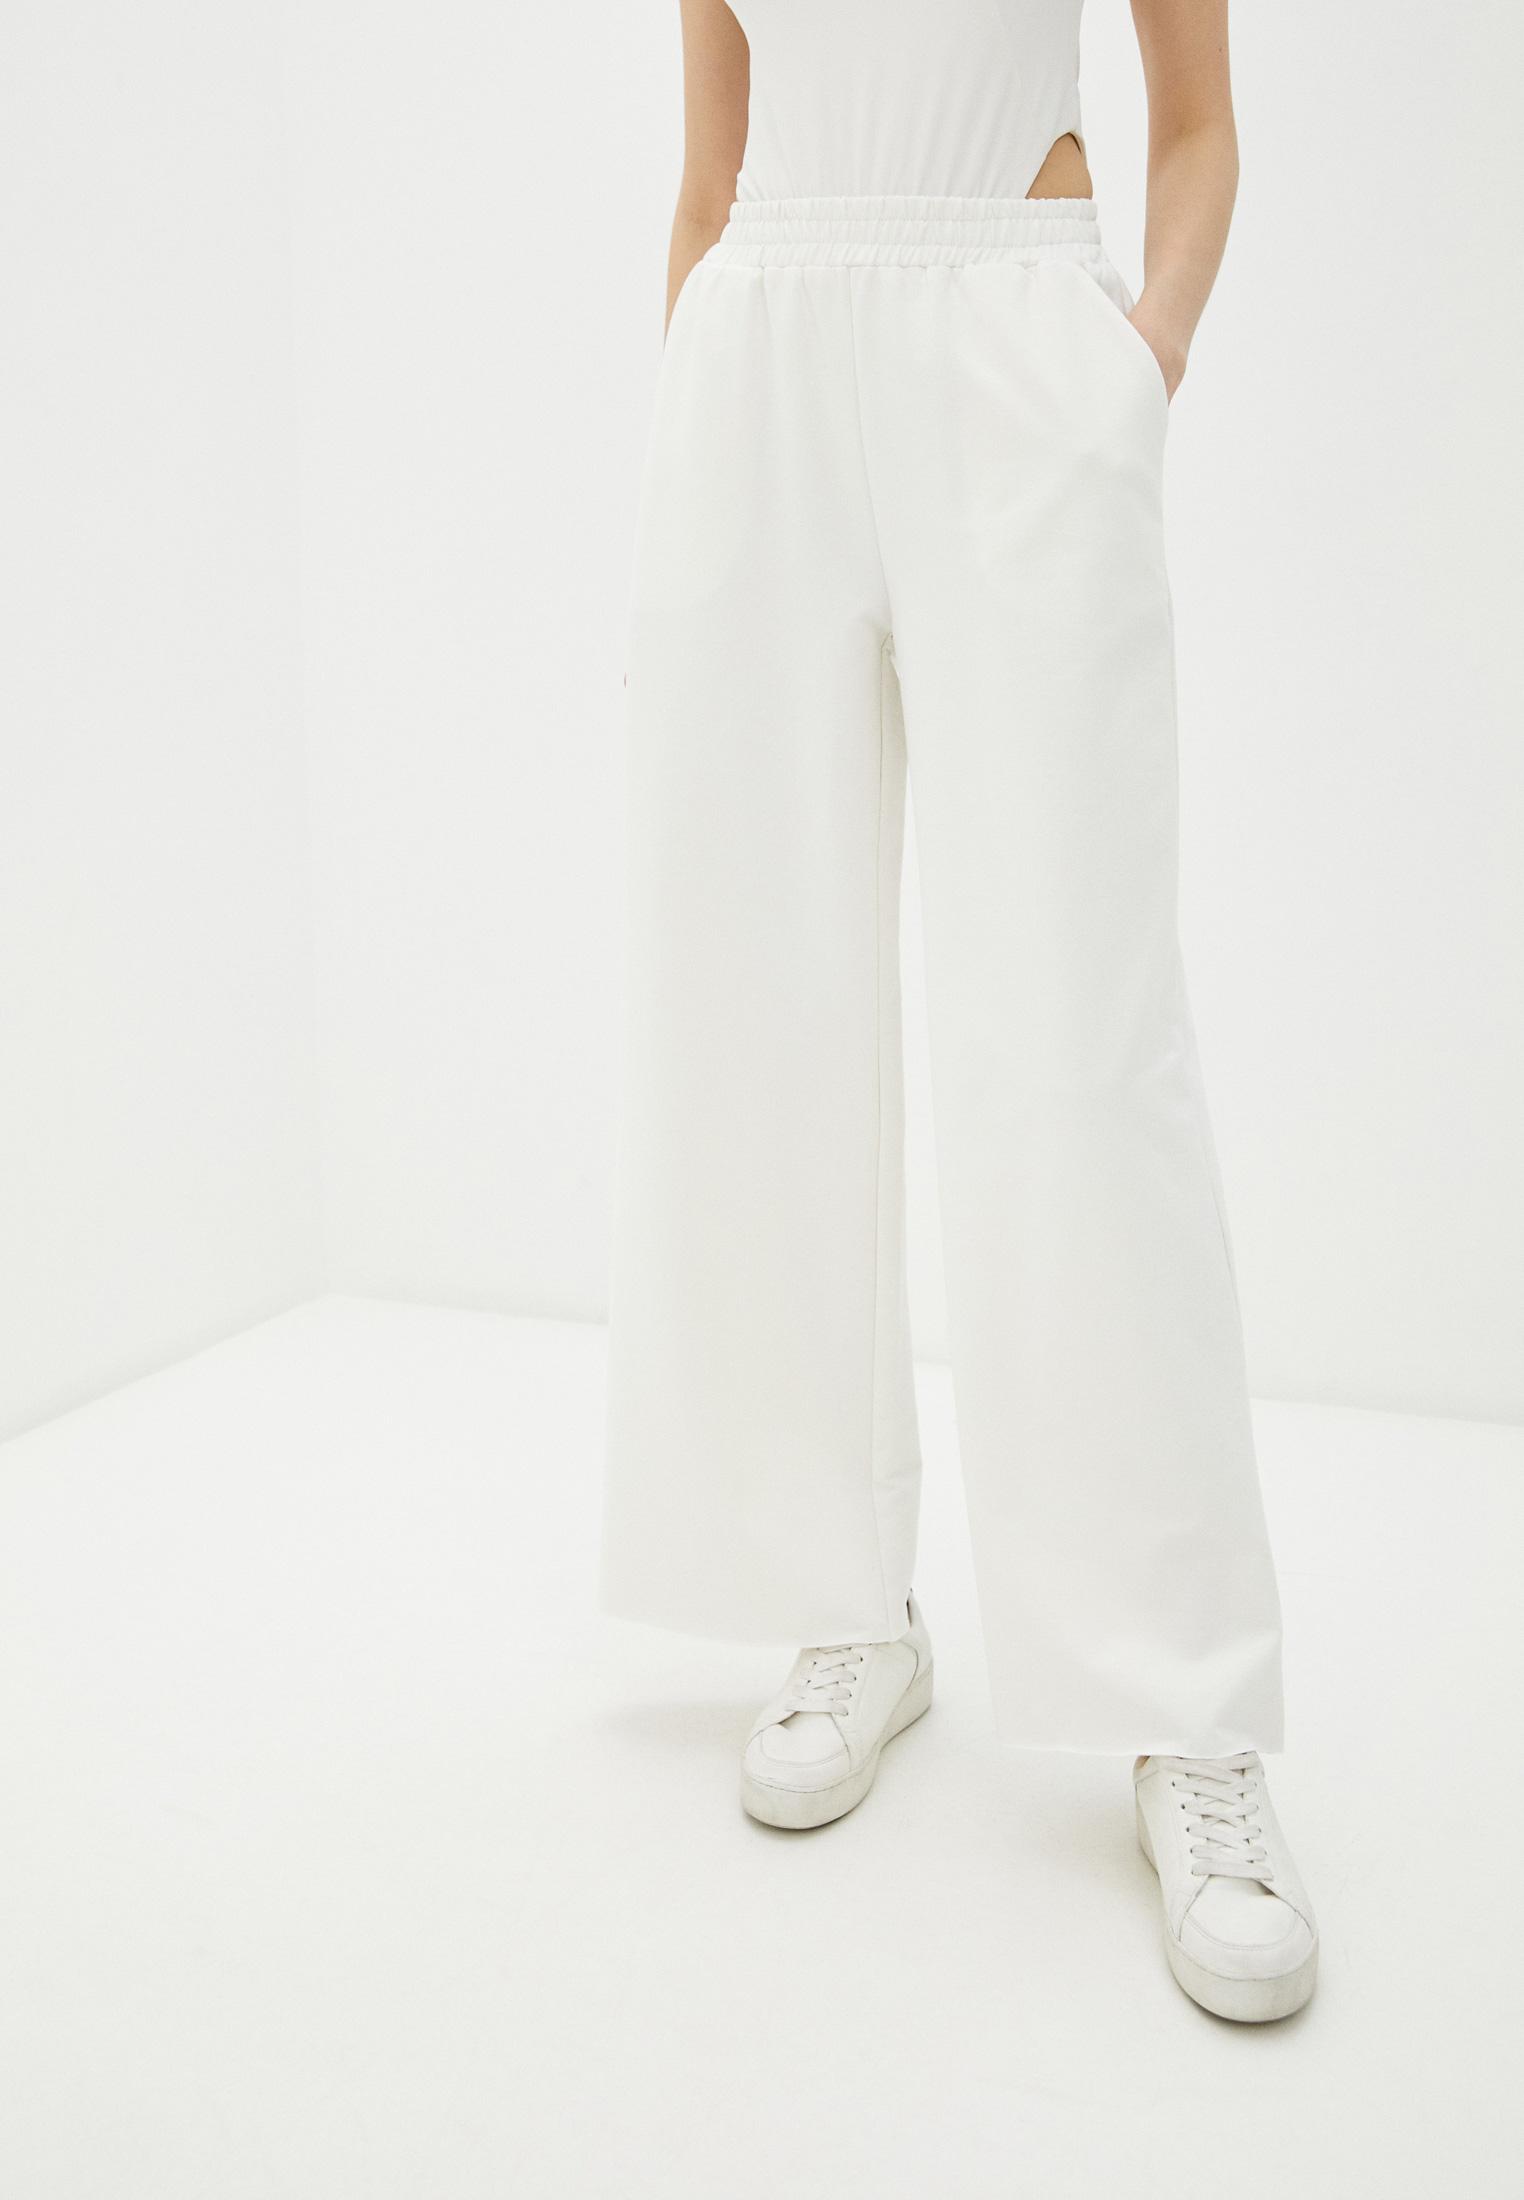 Женские спортивные брюки TrendyAngel (Тренди Энджел) Брюки спортивные TrendyAngel